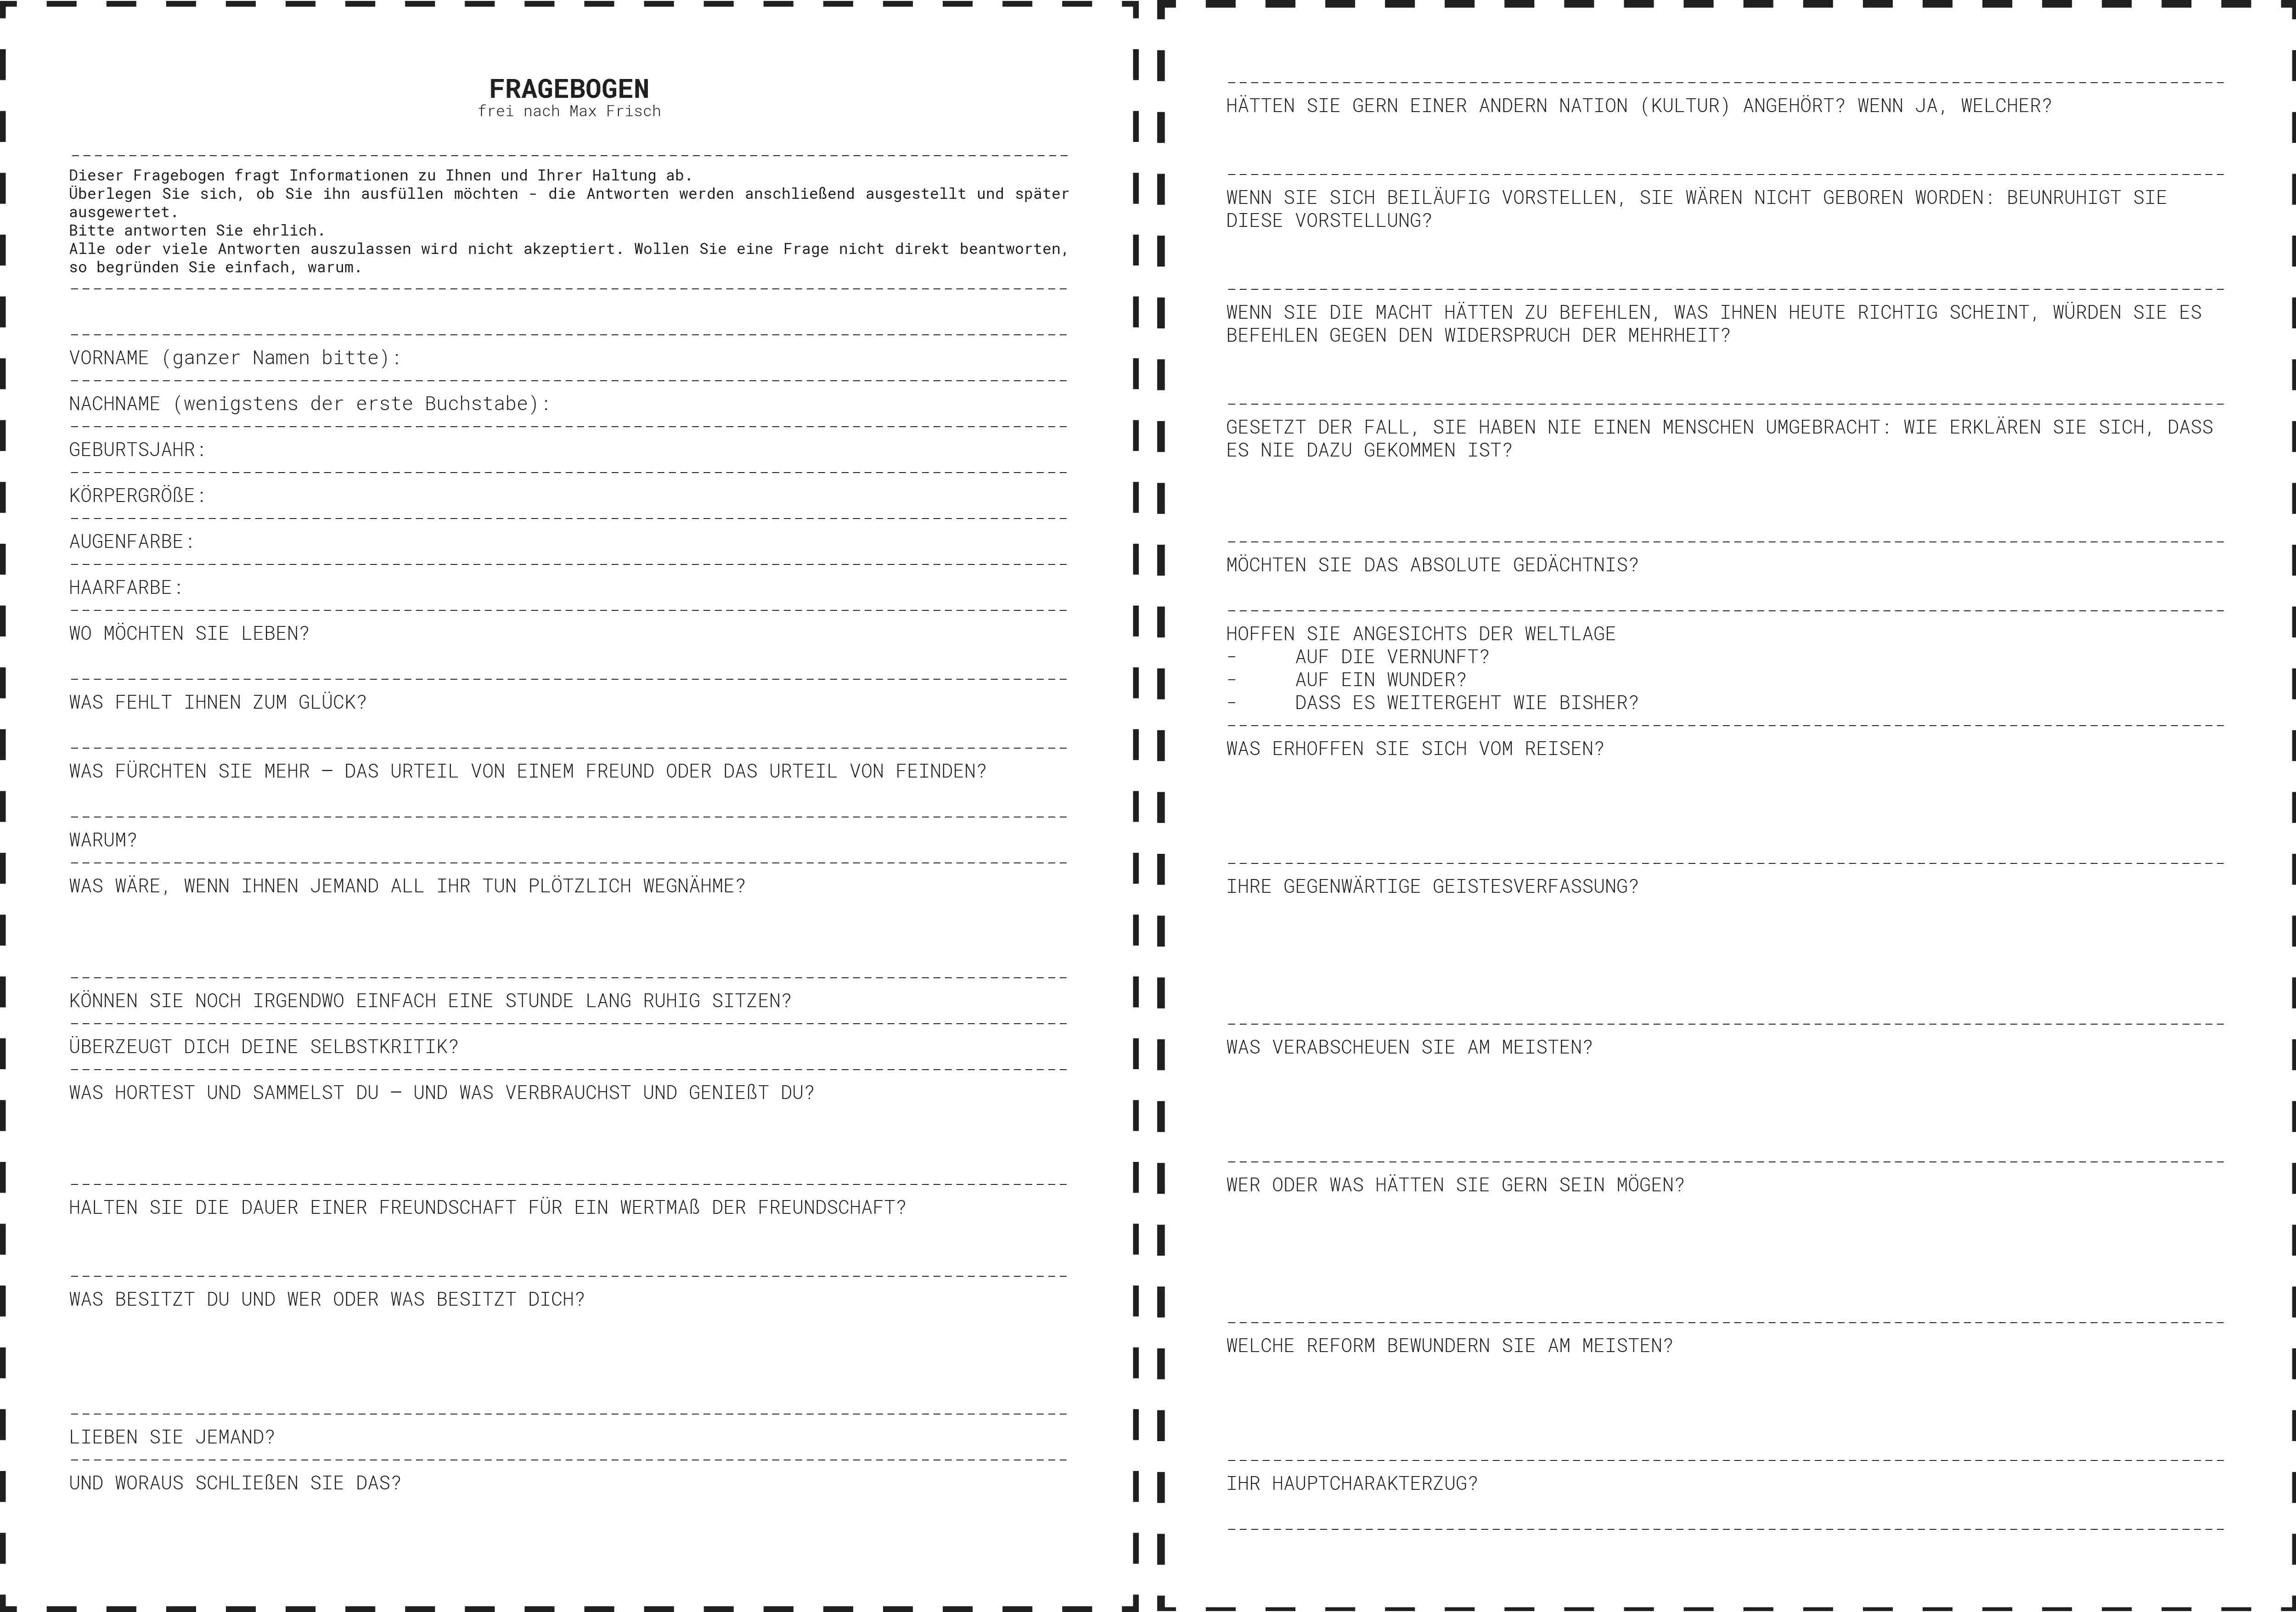 LUX-Ltd-Fragebogen